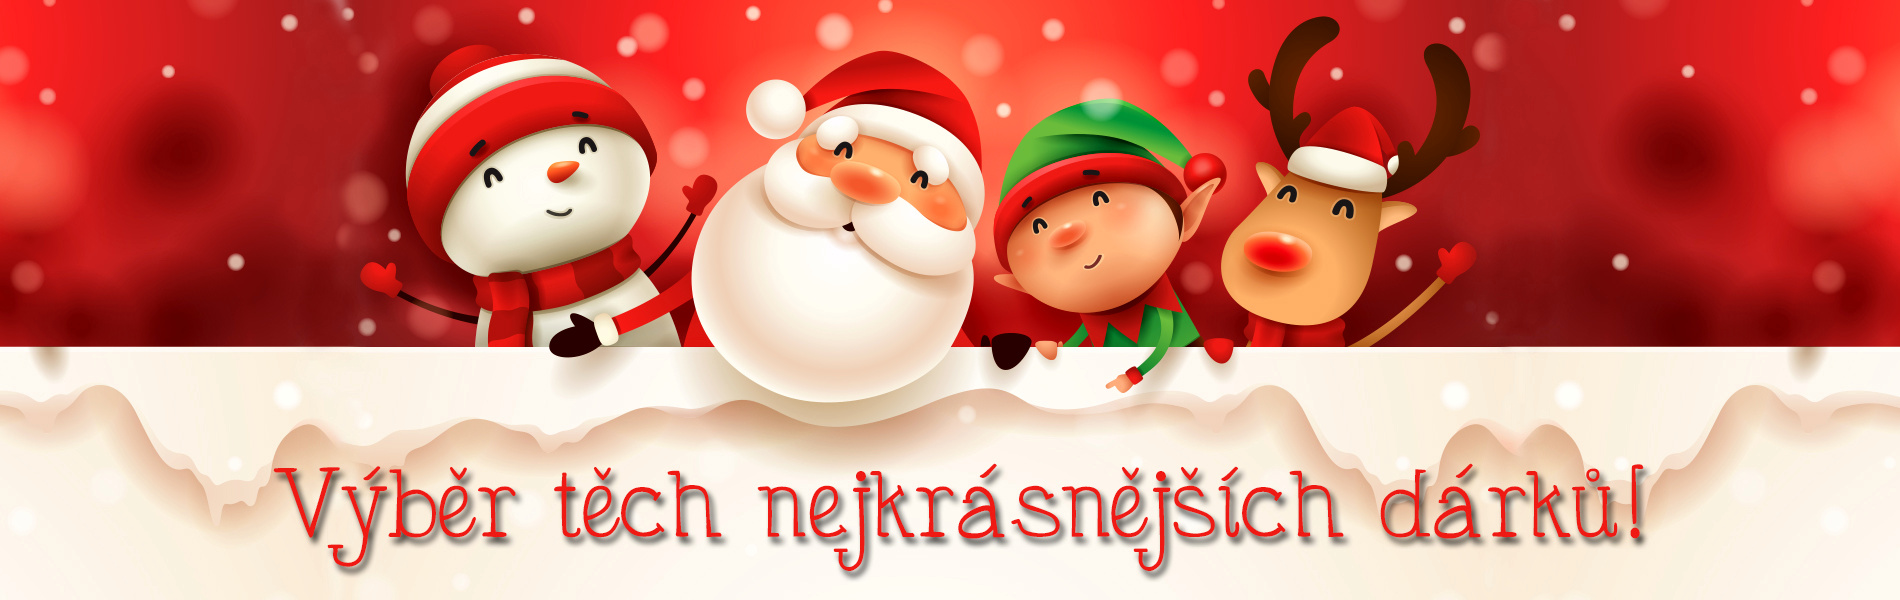 Vánoční banner